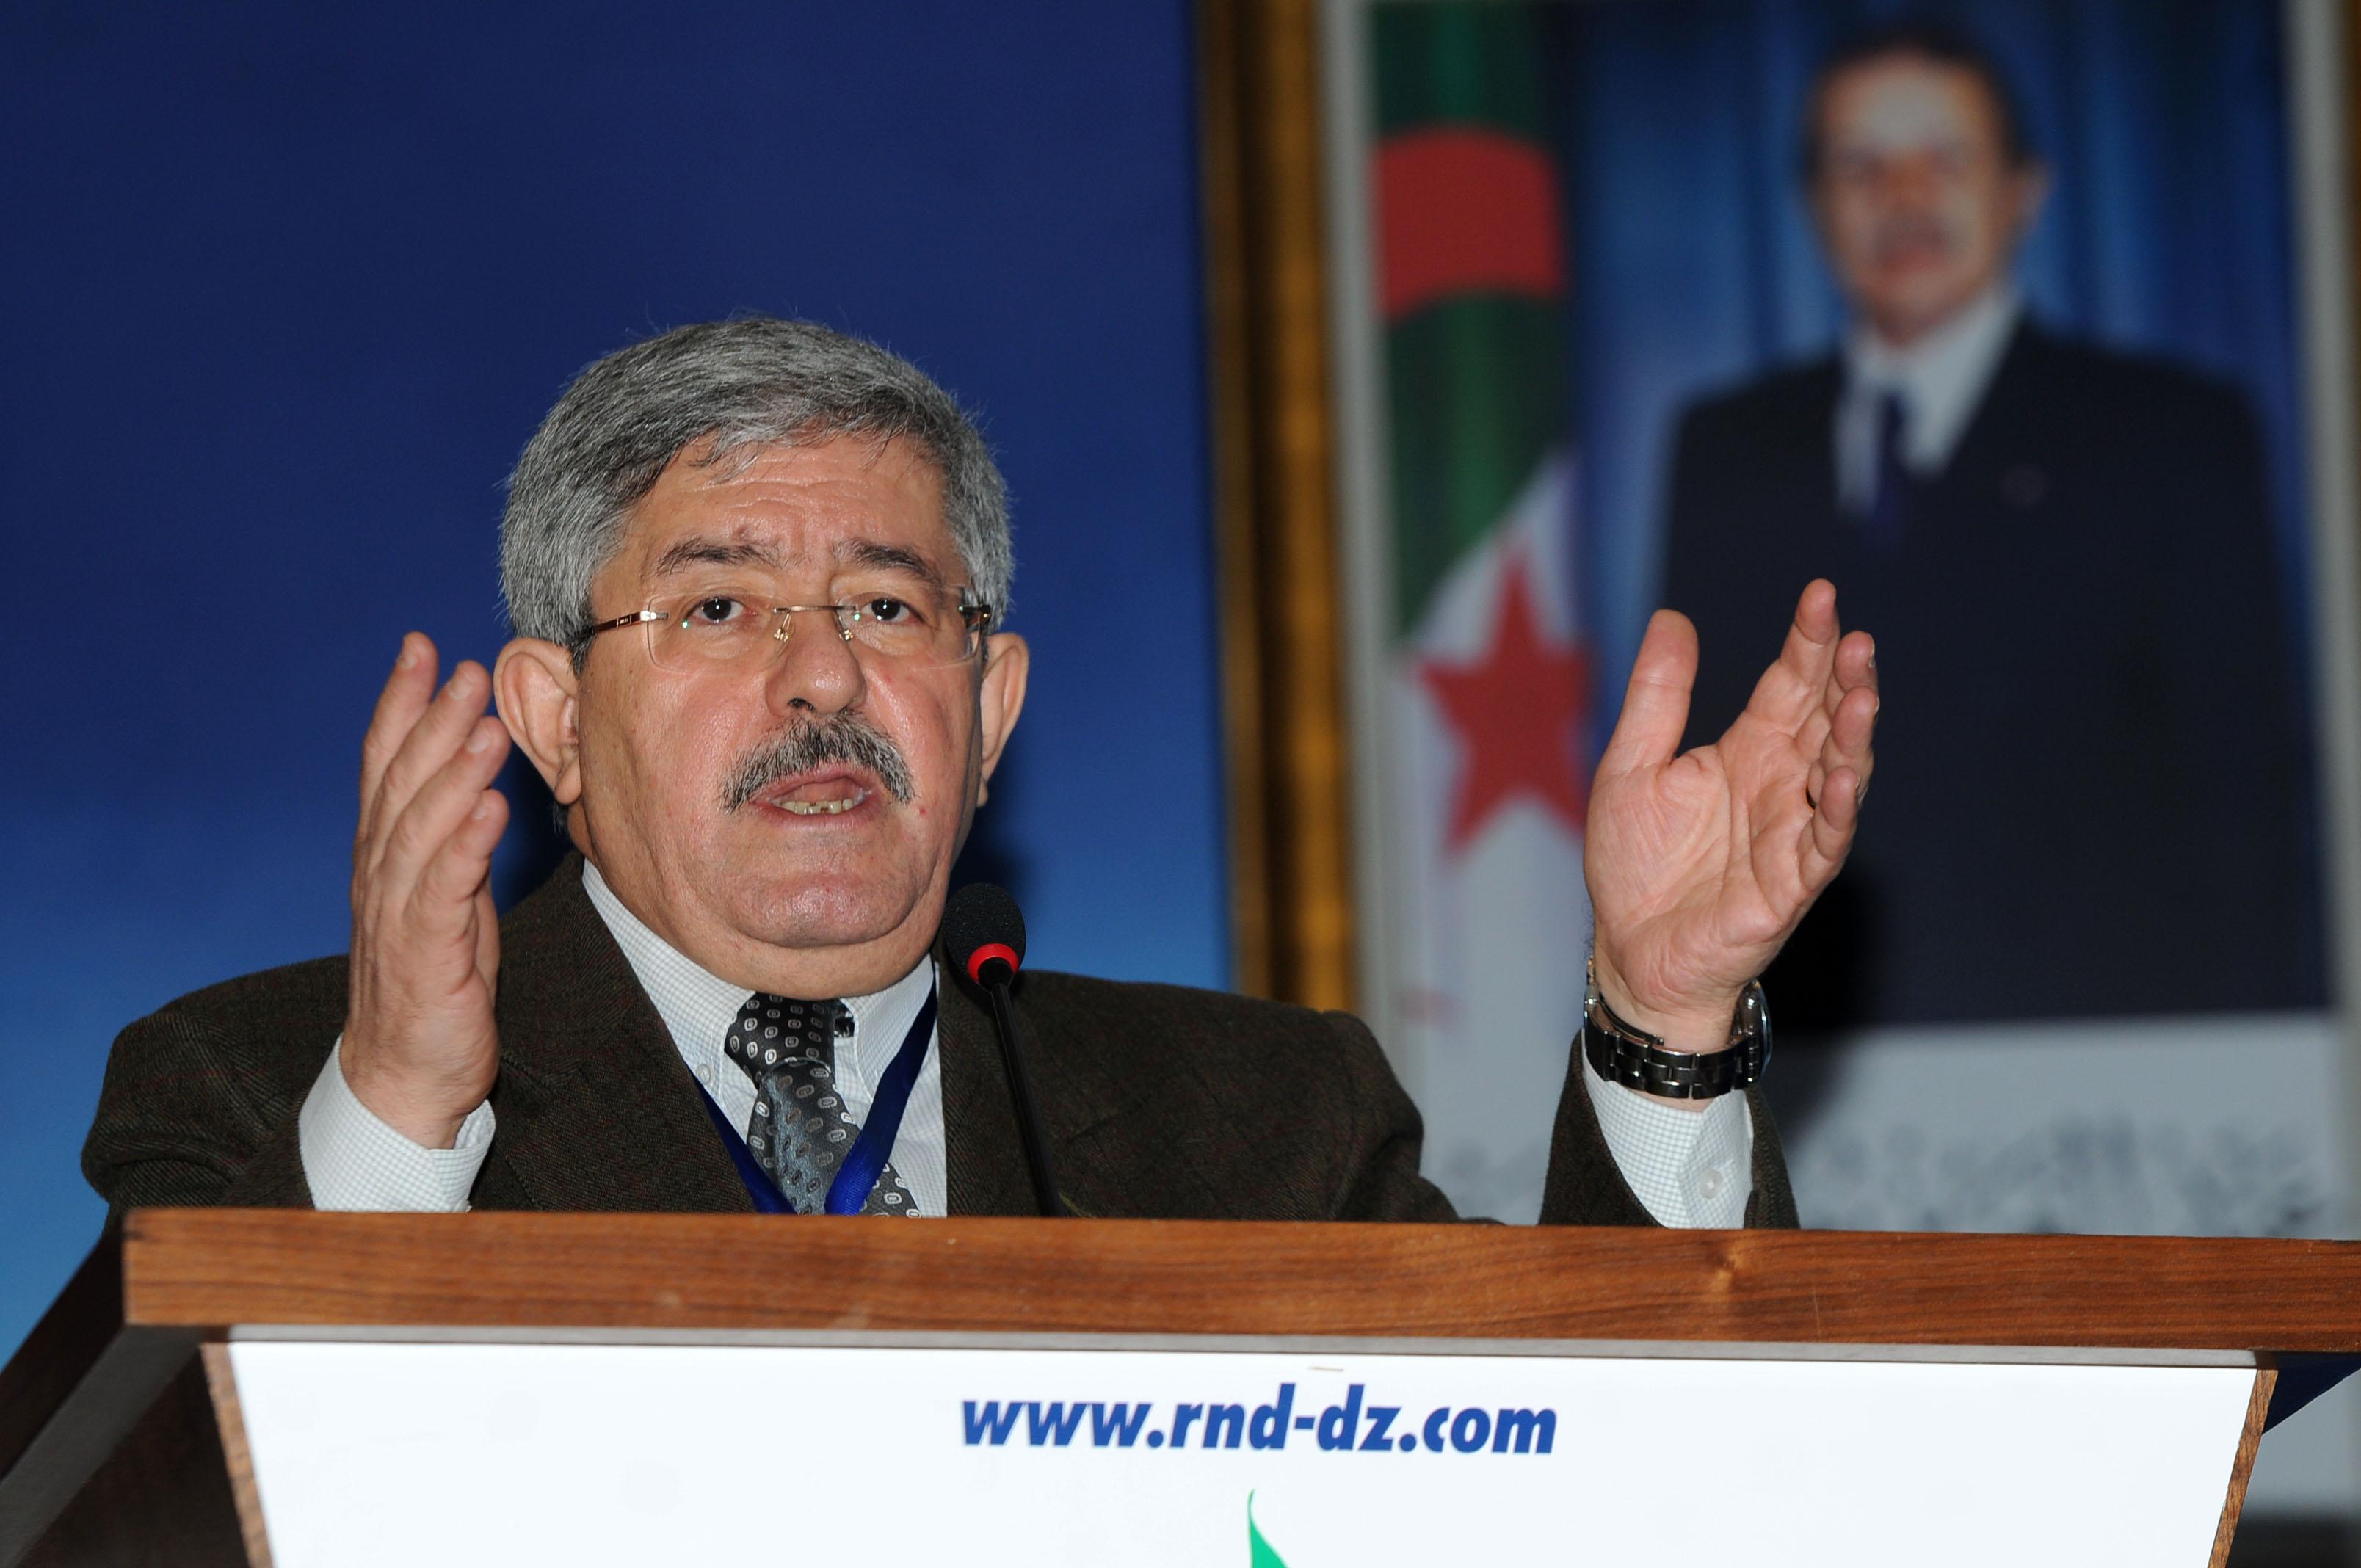 Les frondeurs accusent Ouyahia de s'être éloigné des principes fondateurs du RND. New Press